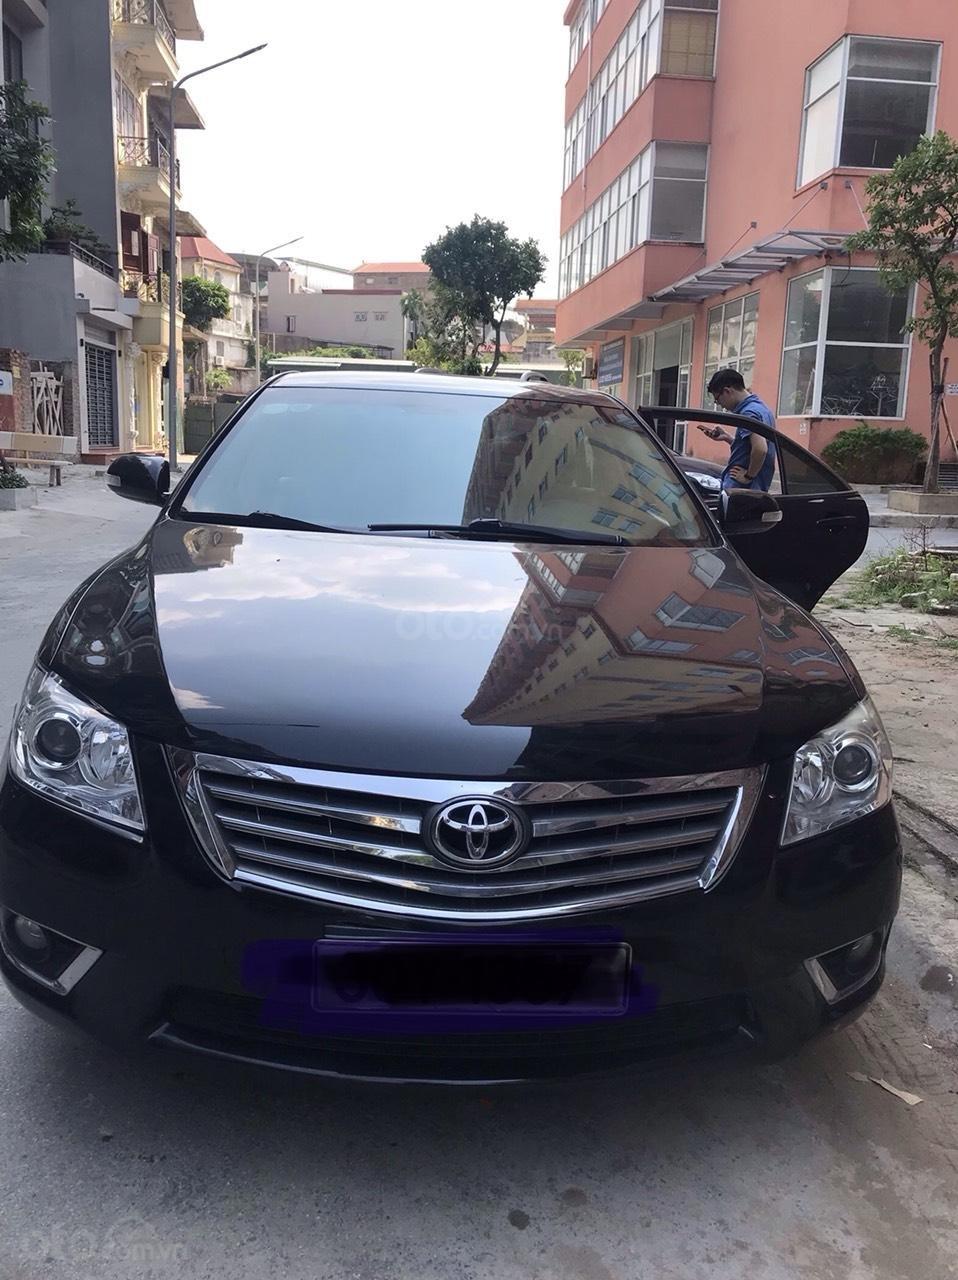 Chính chủ bán xe Camry 2.4G sản xuất và đăng ký năm 2010 (1)